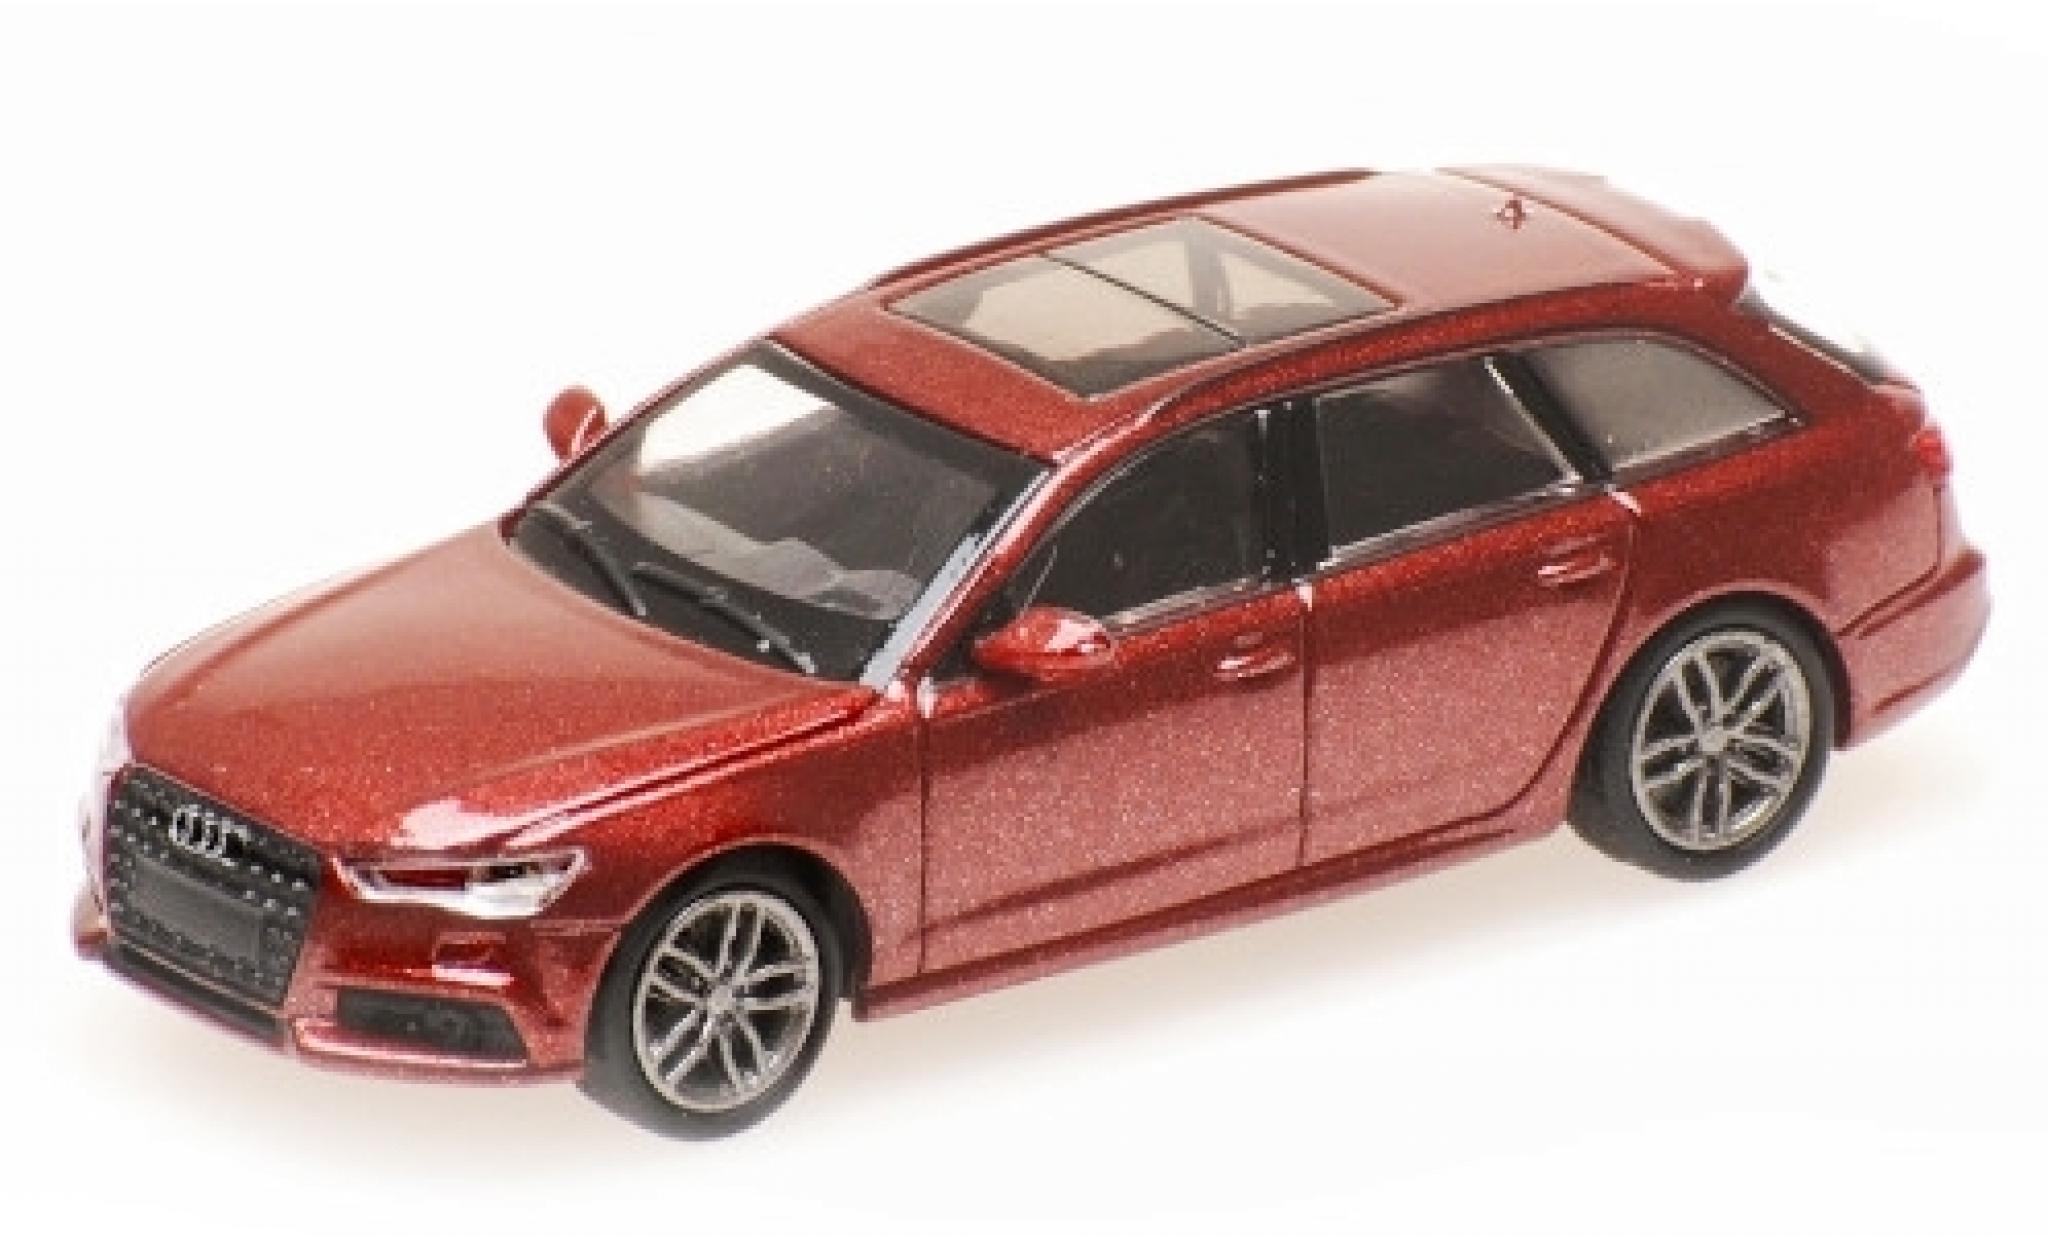 Audi A6 1/87 Minichamps Avant metallise rouge 2018